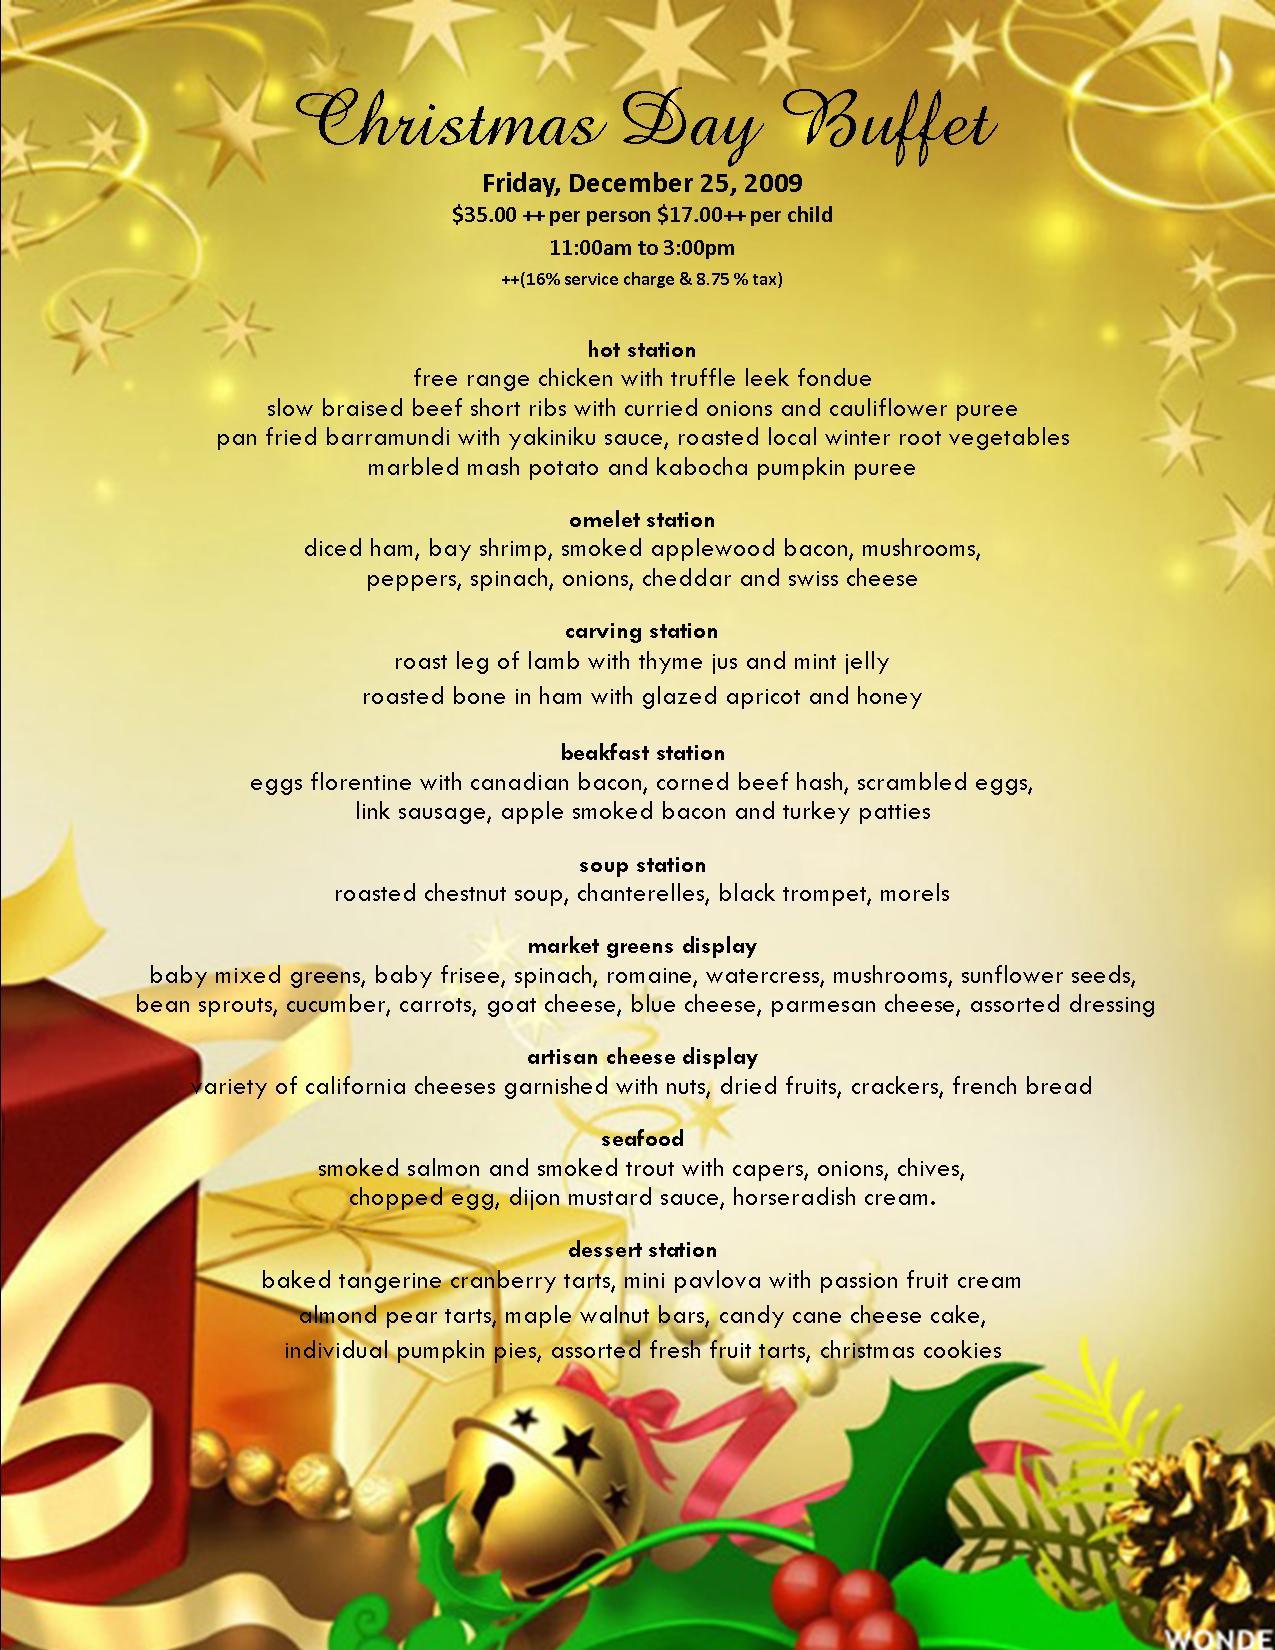 Anaheim Christmas Dinner | Today @ Hilton Anaheim